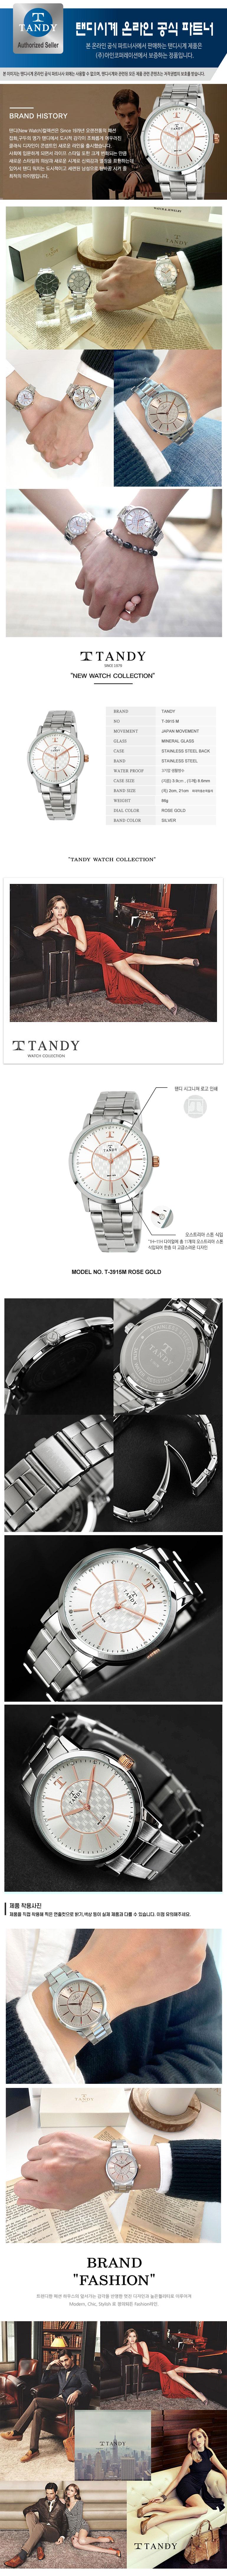 탠디(TANDY) [TANDY] 탠디 시그니쳐 럭셔리 메탈 (스와로브스키 식입) T-3915 로즈골드 남자손목시계